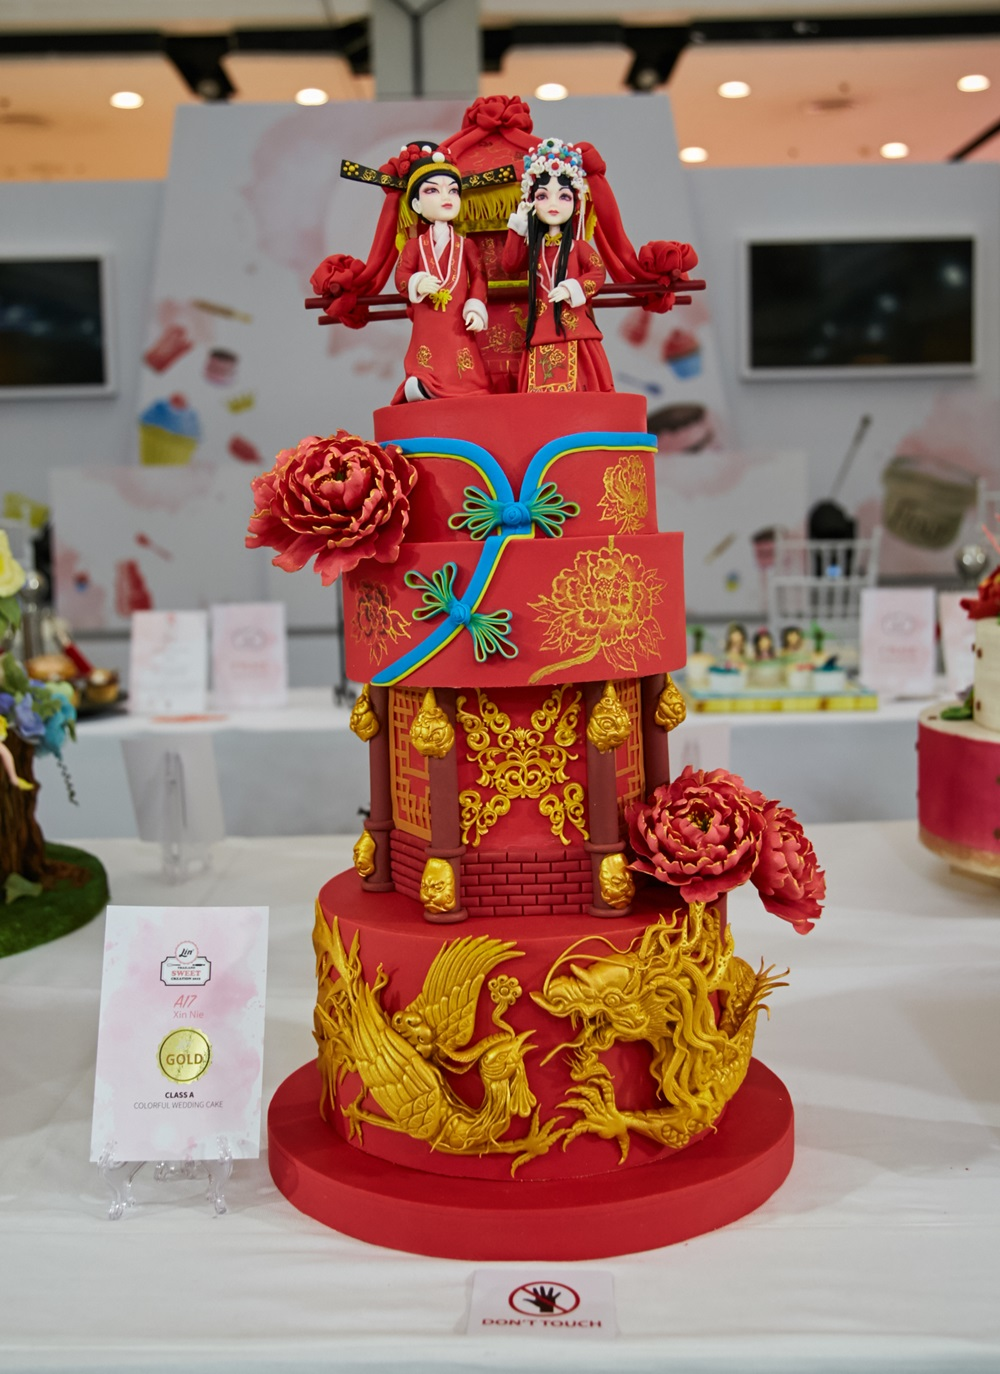 """ผลงานผู้ชนะประกวด เค้กน้ำตาลปั้น """"ลิน"""" สนับสนุนประกวดเค้กโลก ประเทศอังกฤษ"""